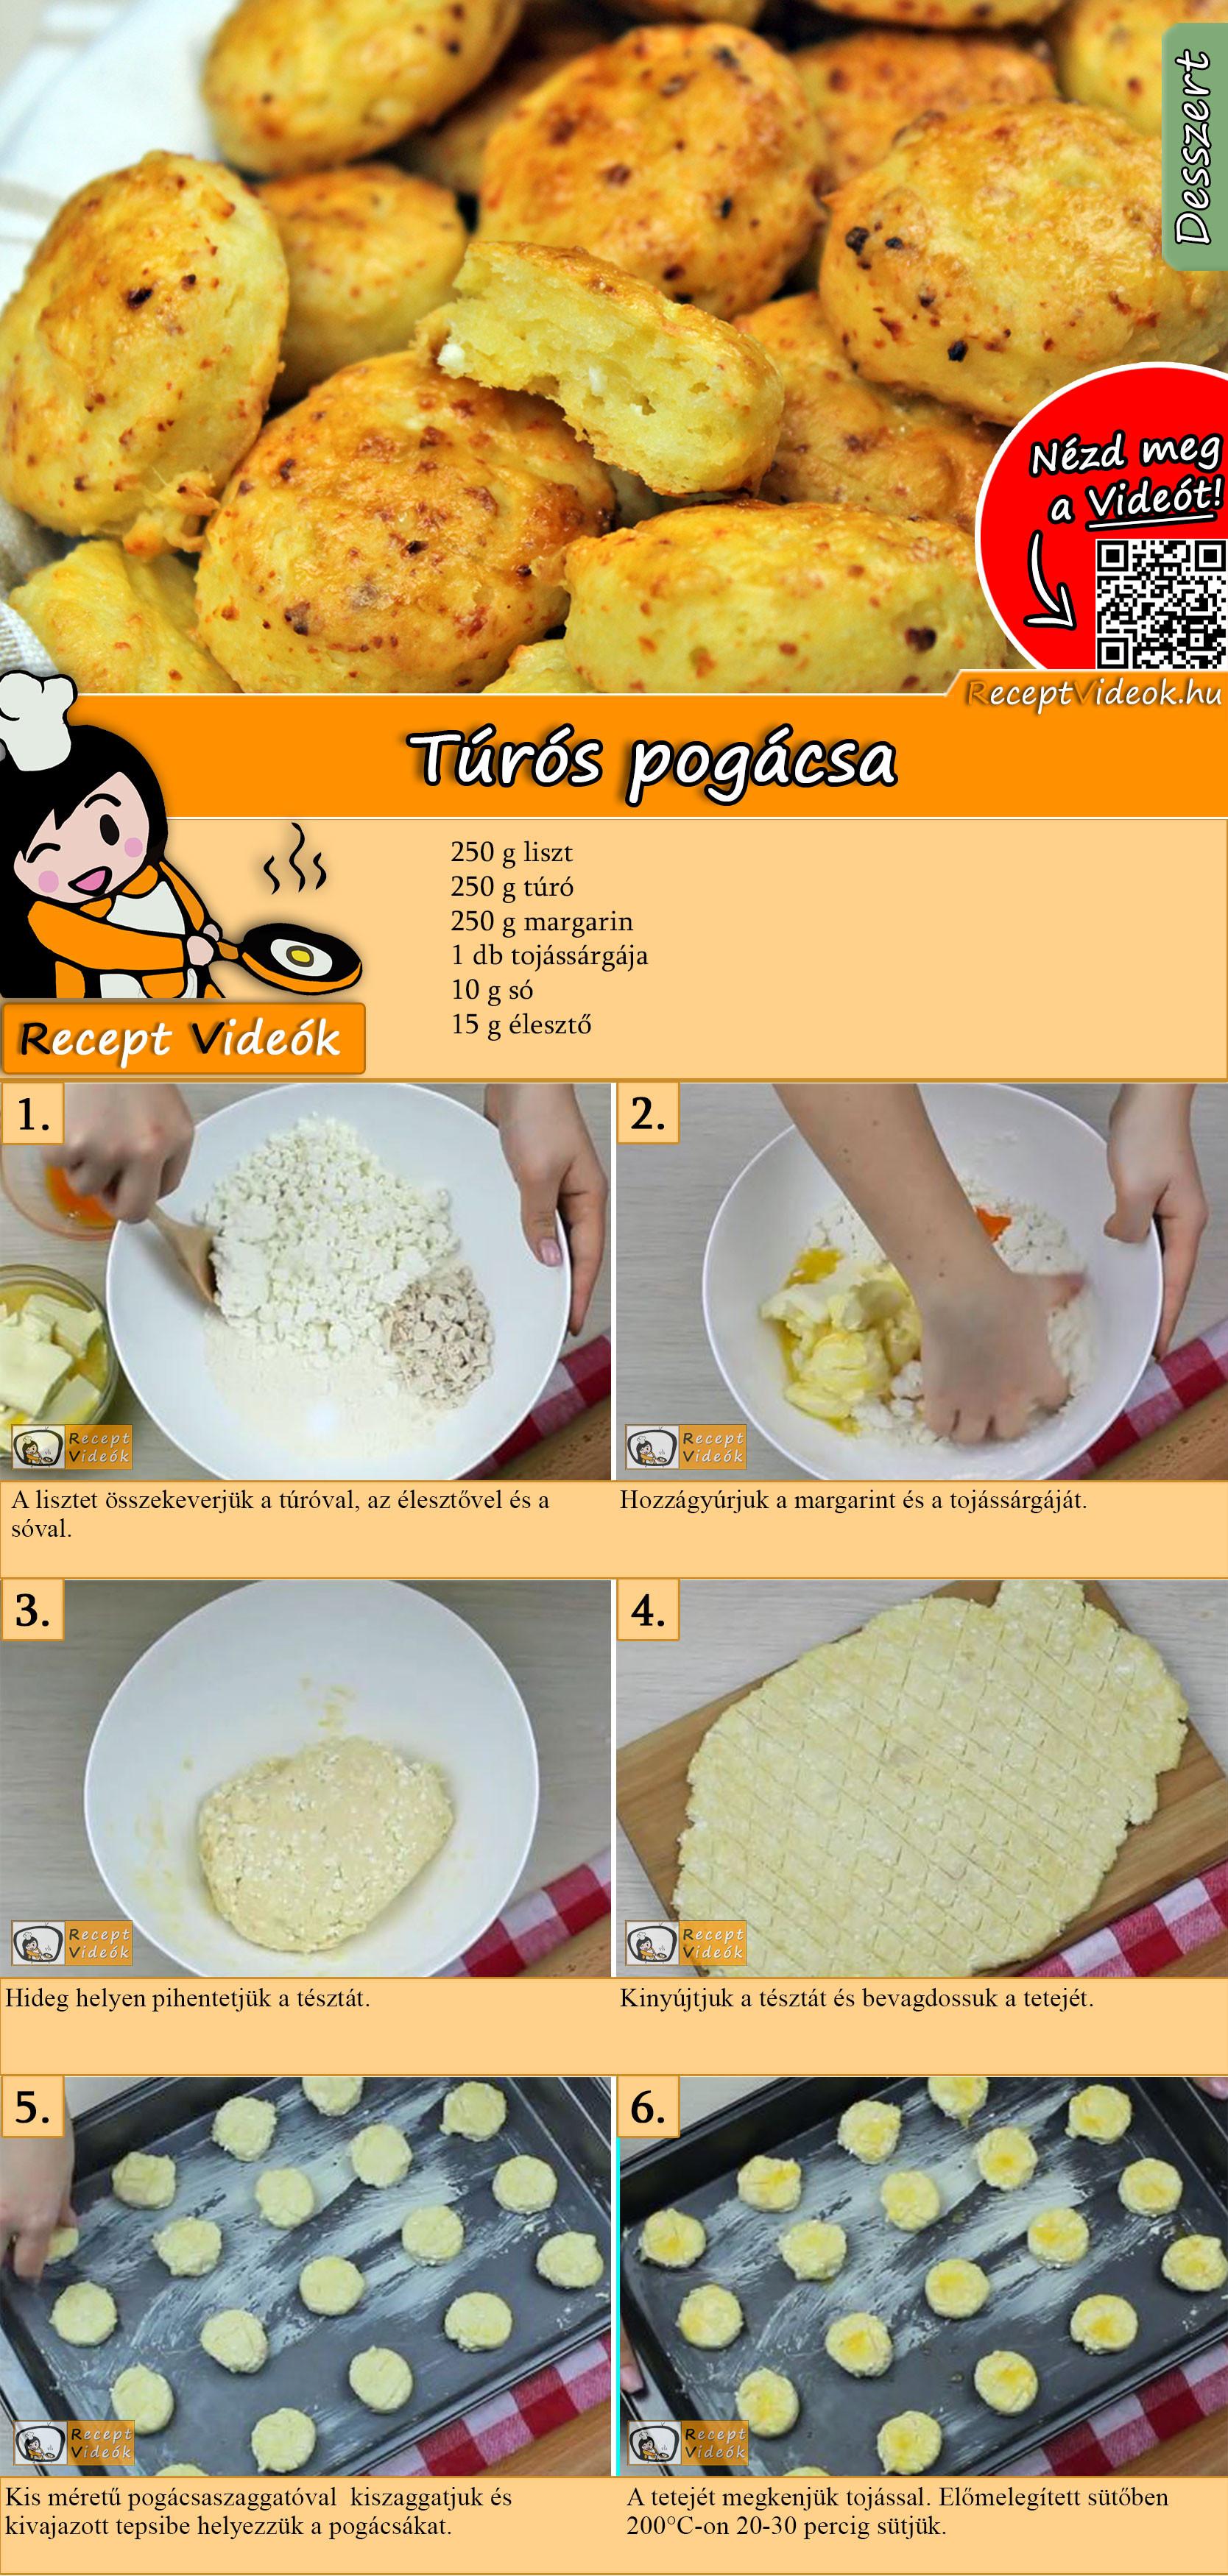 Túrós pogácsa recept elkészítése videóval